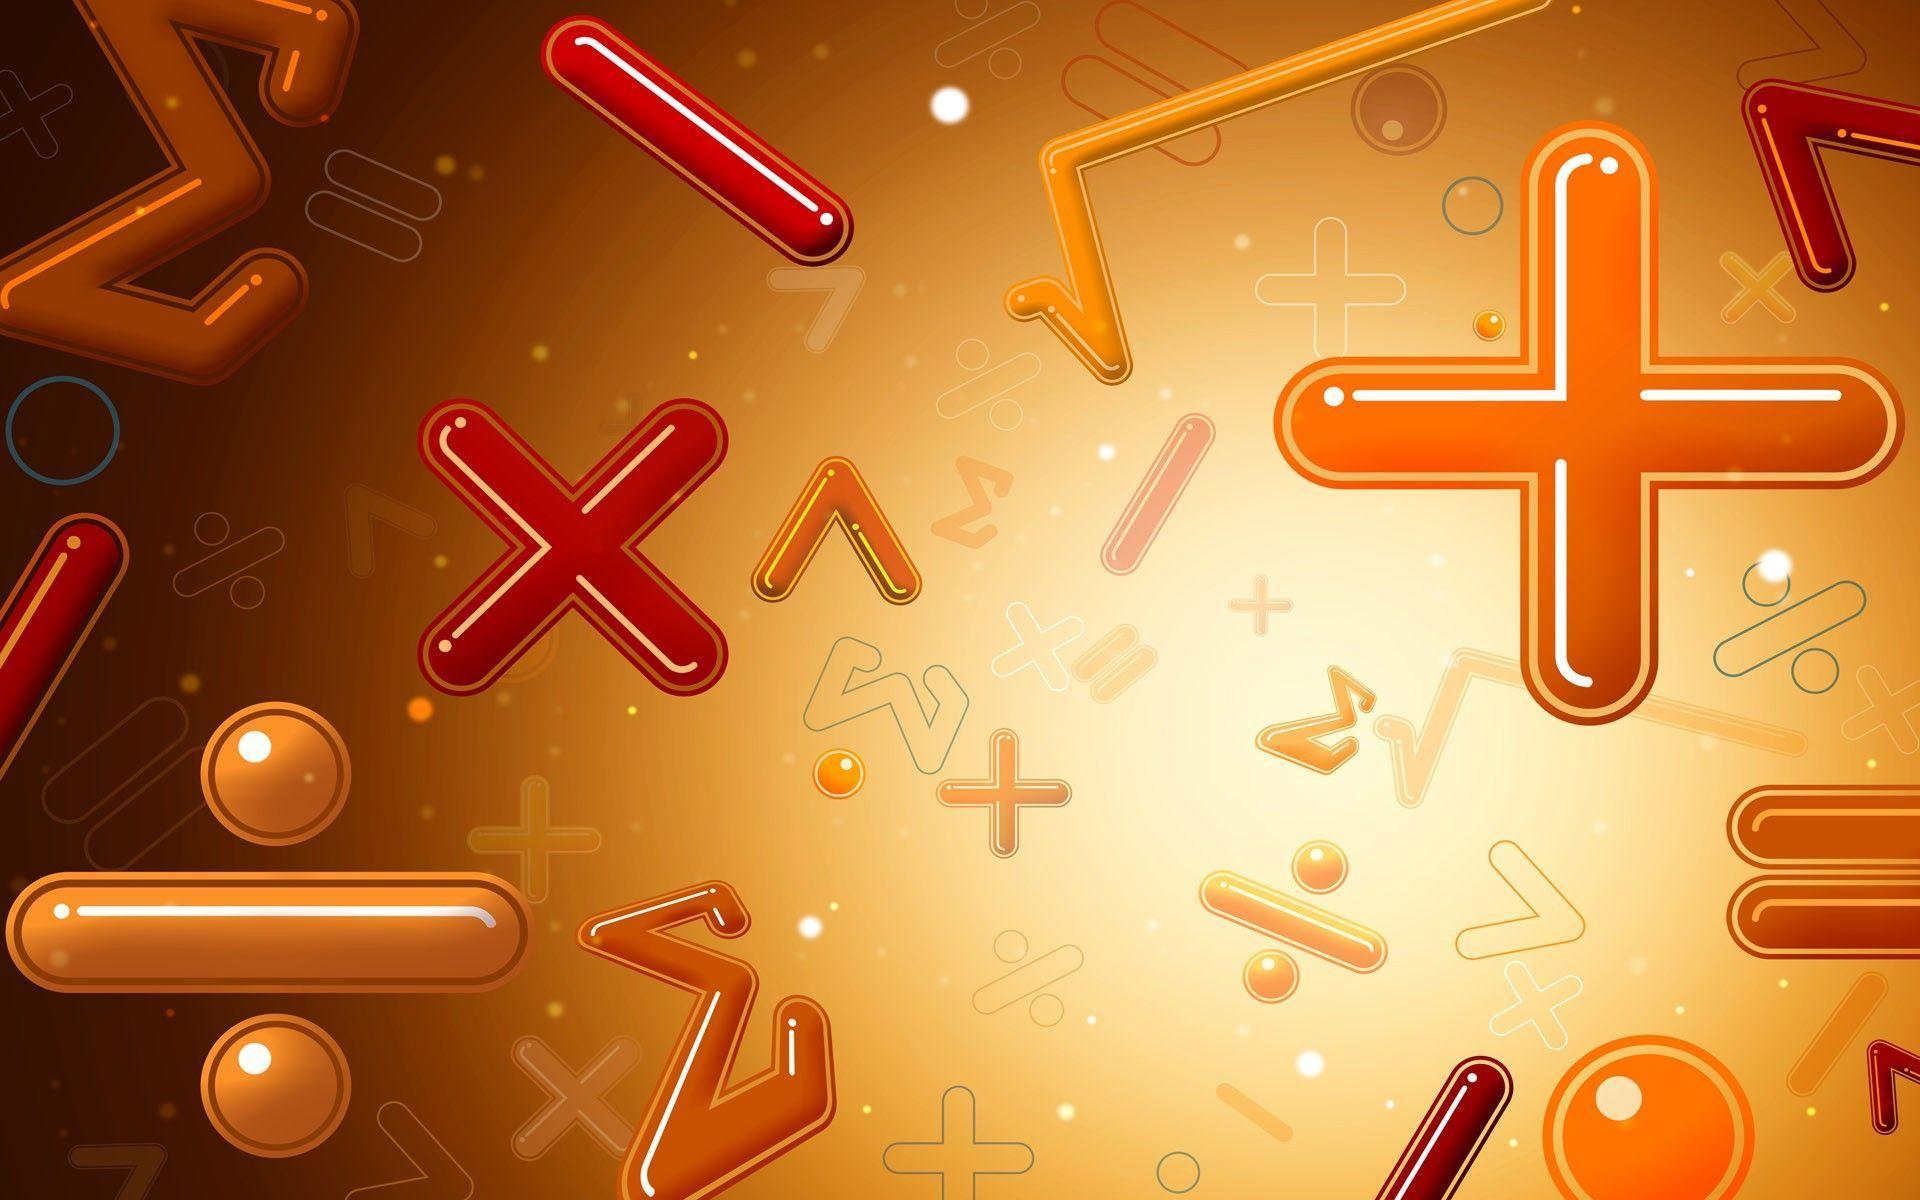 دانلود جزوه ریاضی عمومی – جزوات و منابع درس ریاضی عمومی